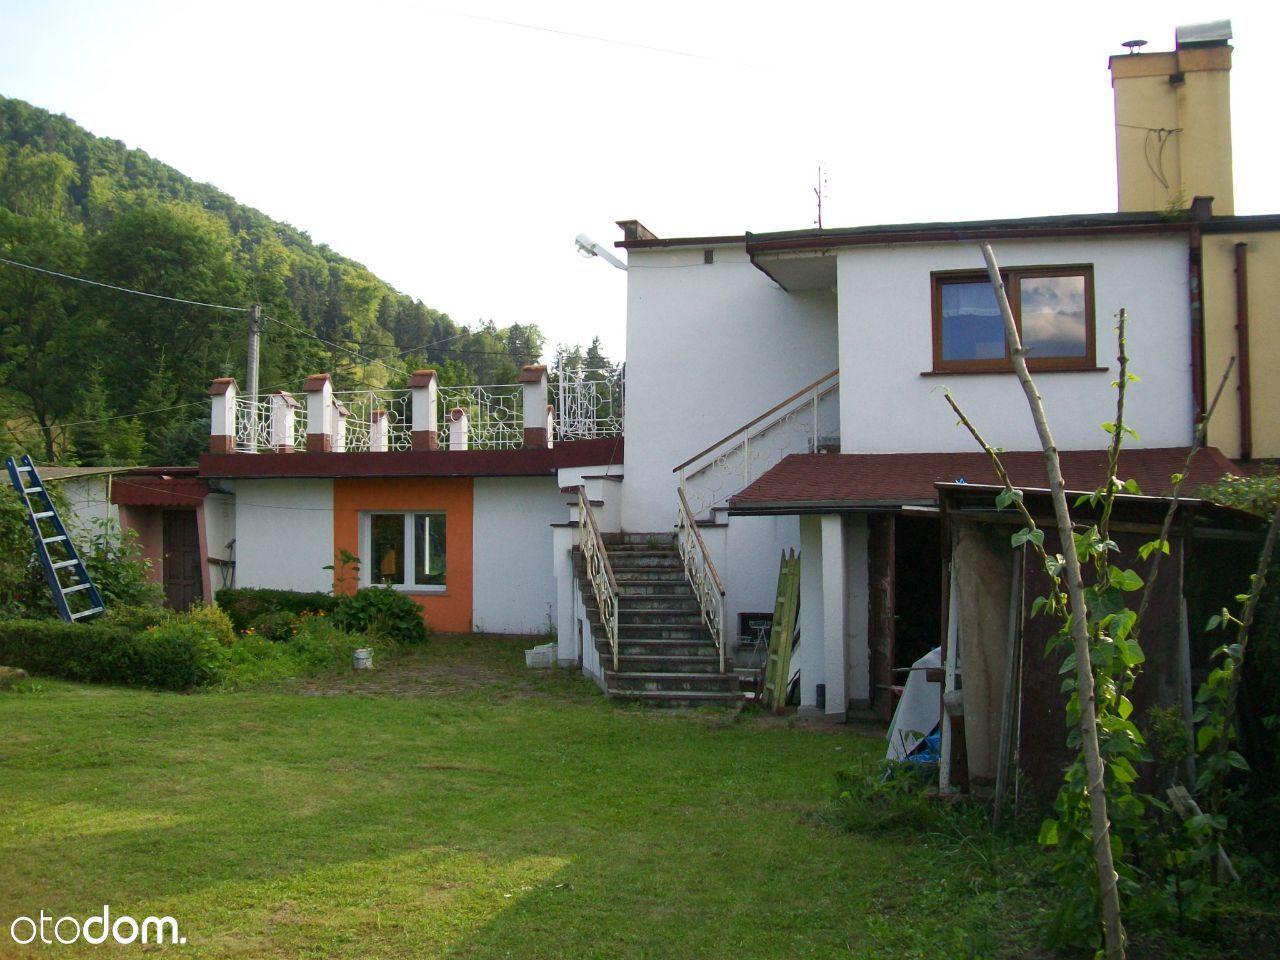 Dom na sprzedaż, Unisław Śląski, wałbrzyski, dolnośląskie - Foto 1